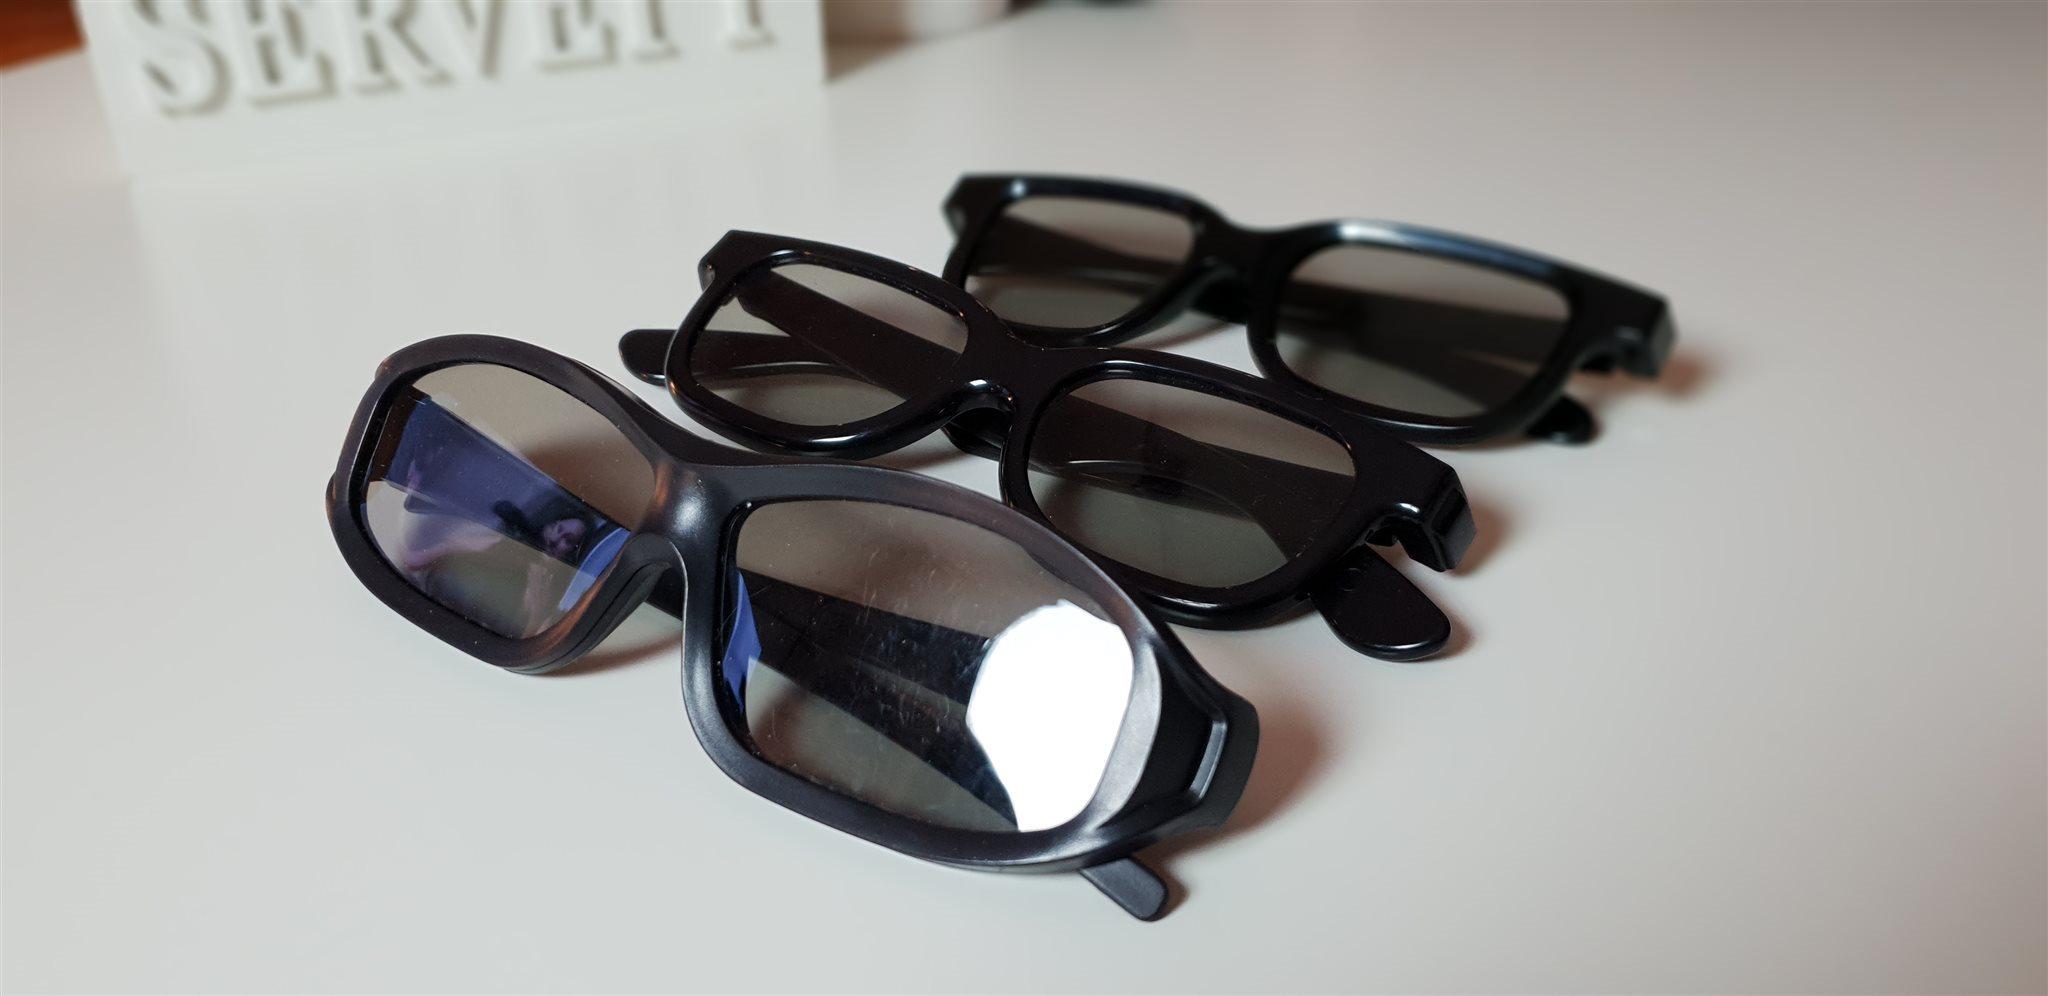 3-D Glasögon (336029339) ᐈ Köp på Tradera fe0a708a4cd85